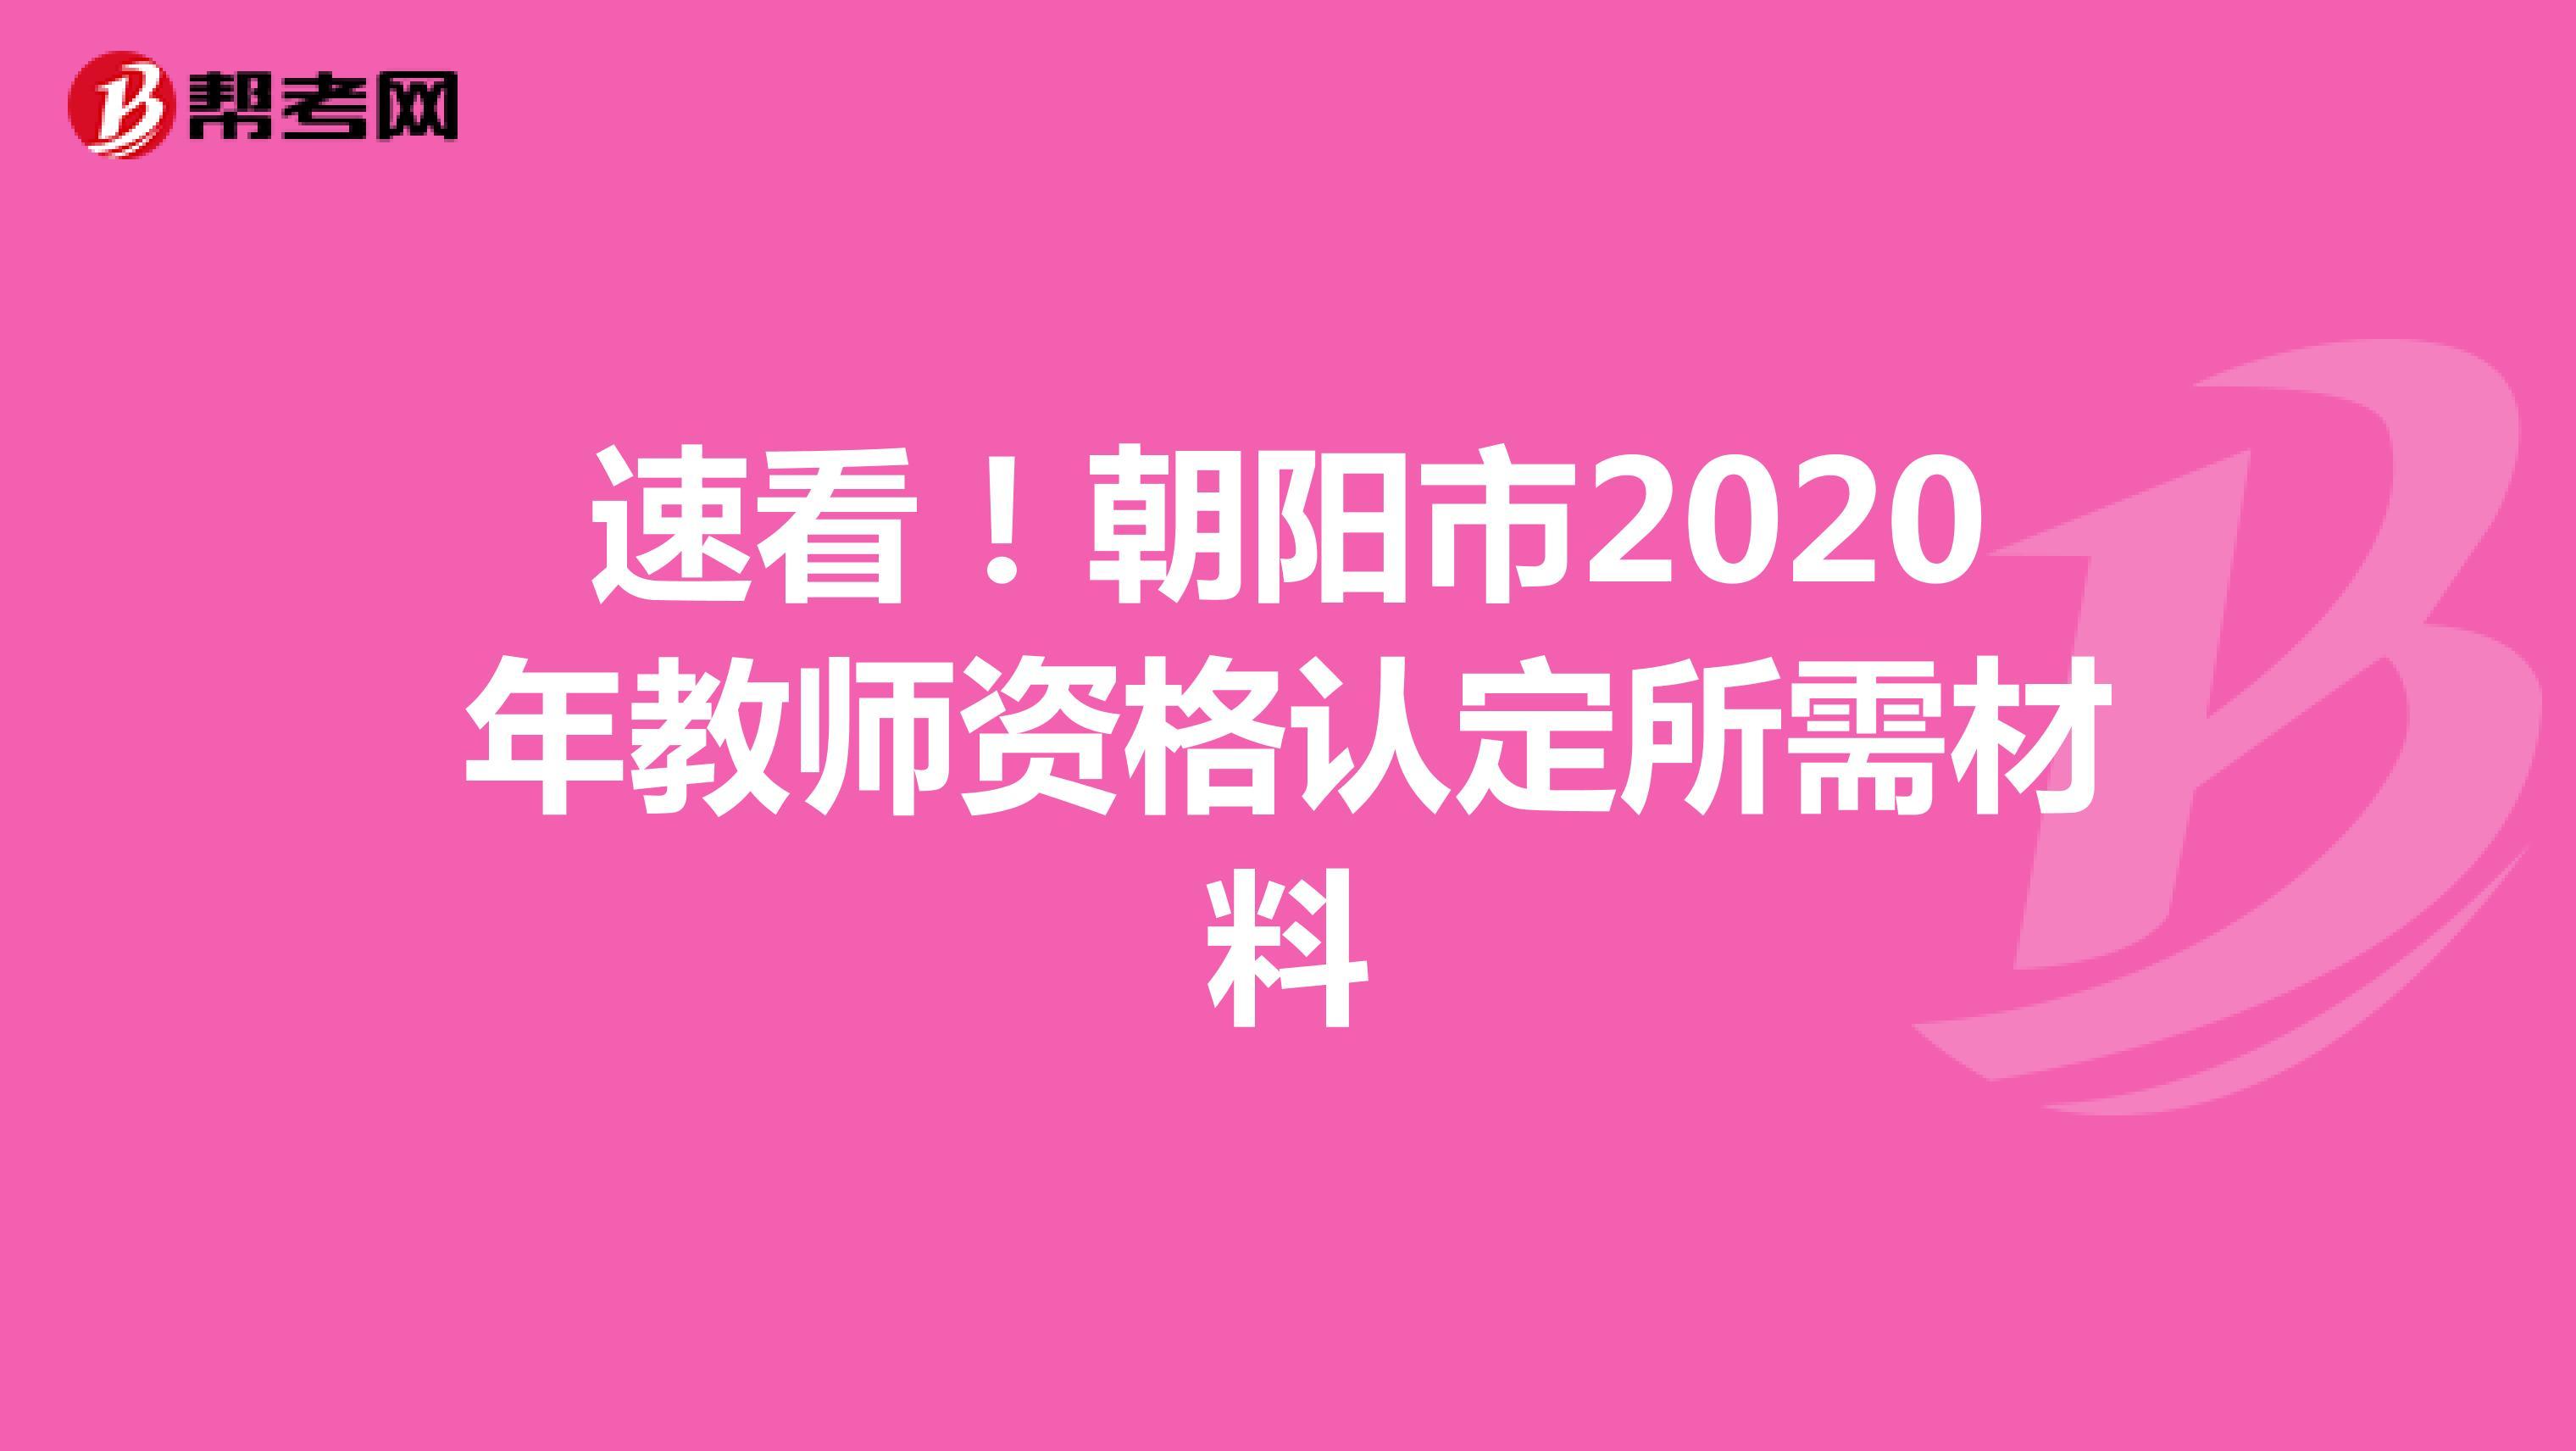 速看!朝阳市2020年教师资格认定所需材料